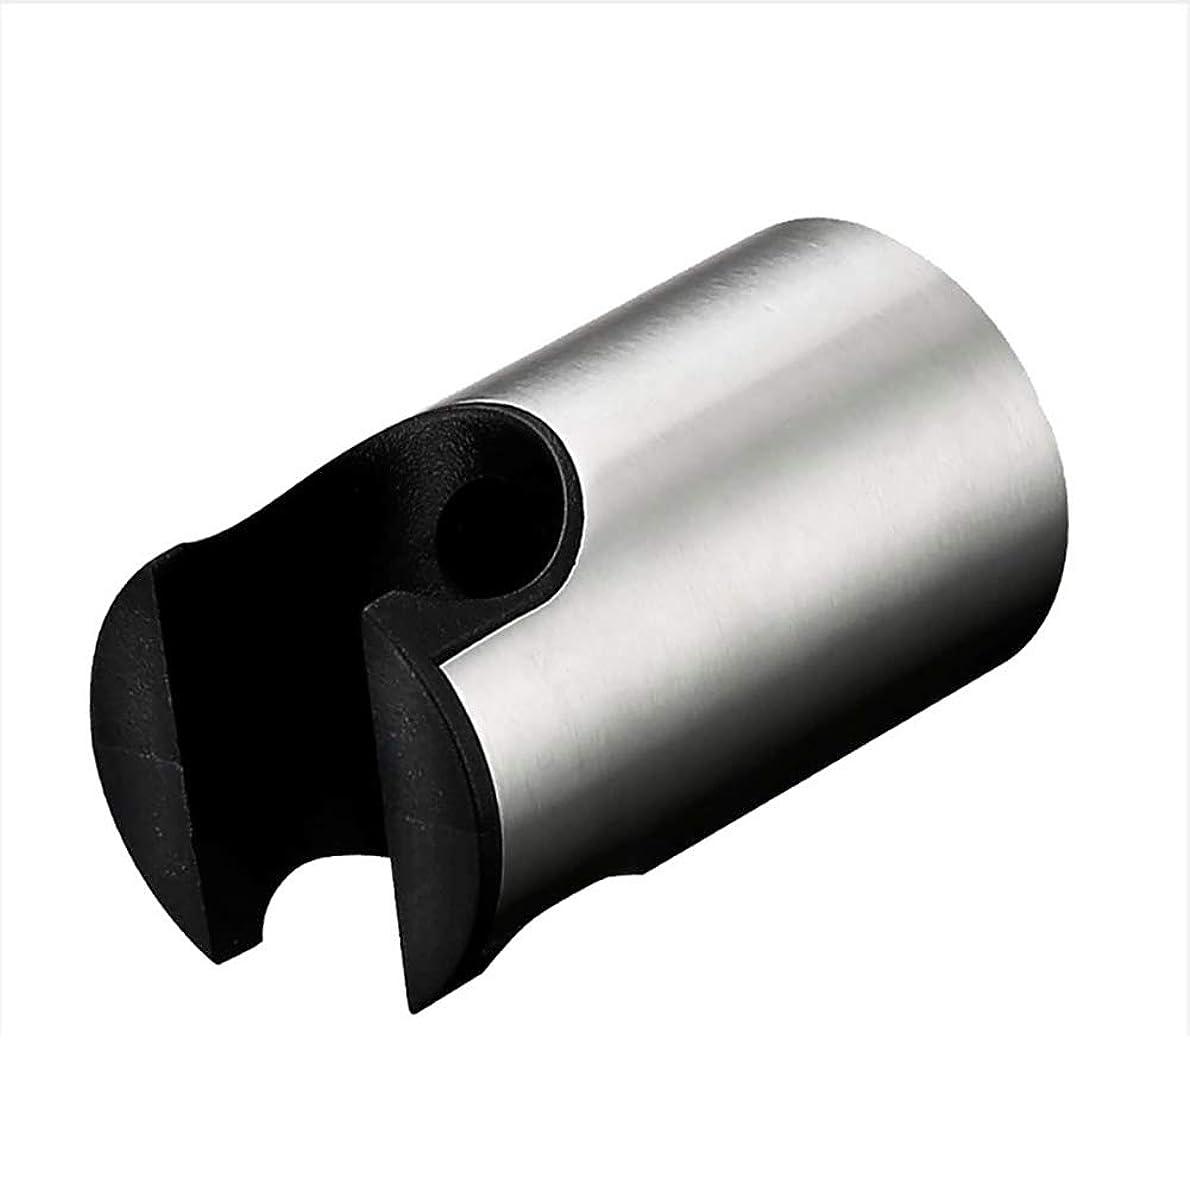 微視的解決召集する手持ちビデスプレー トイレ,ステンレス鋼 ビデスプレー シャワーヘッド,防錆 ビデスプレーセット 個人衛生 C1